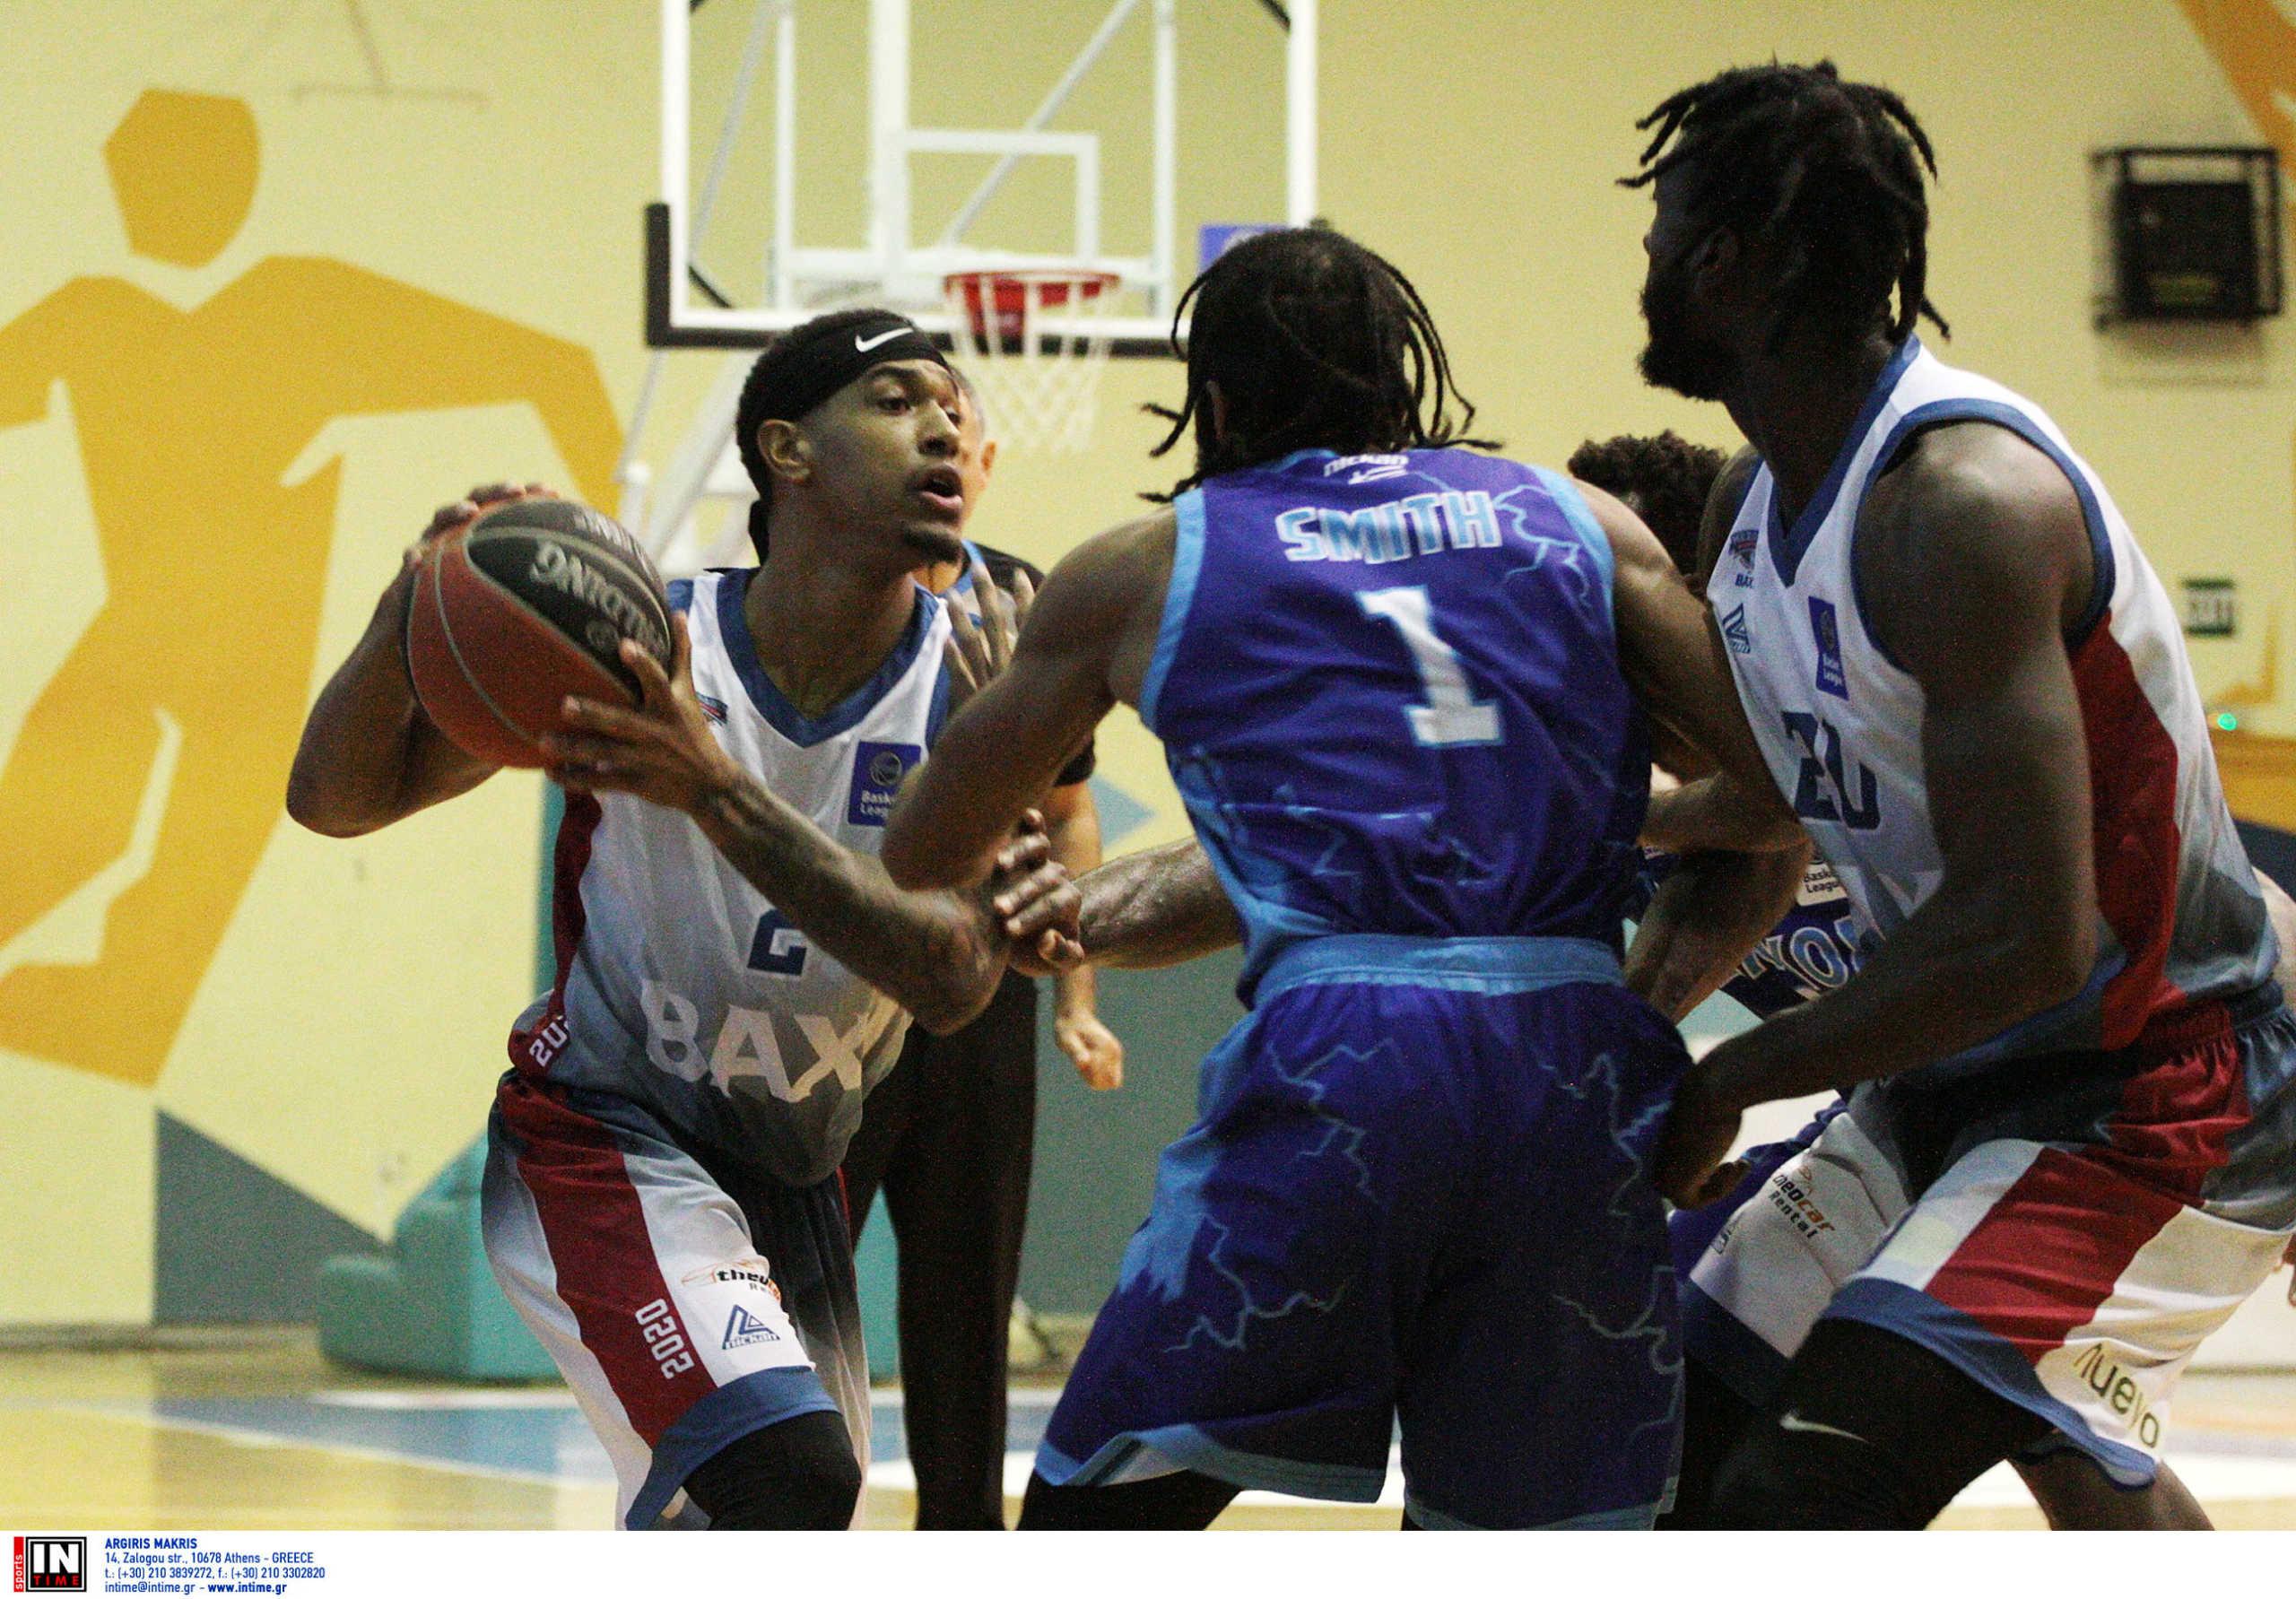 Τρελαίνει… κόσμο το αήττητο Μεσολόγγι – Νίκησε Ιωνικό και παρέμεινε στην κορυφή της Basket League